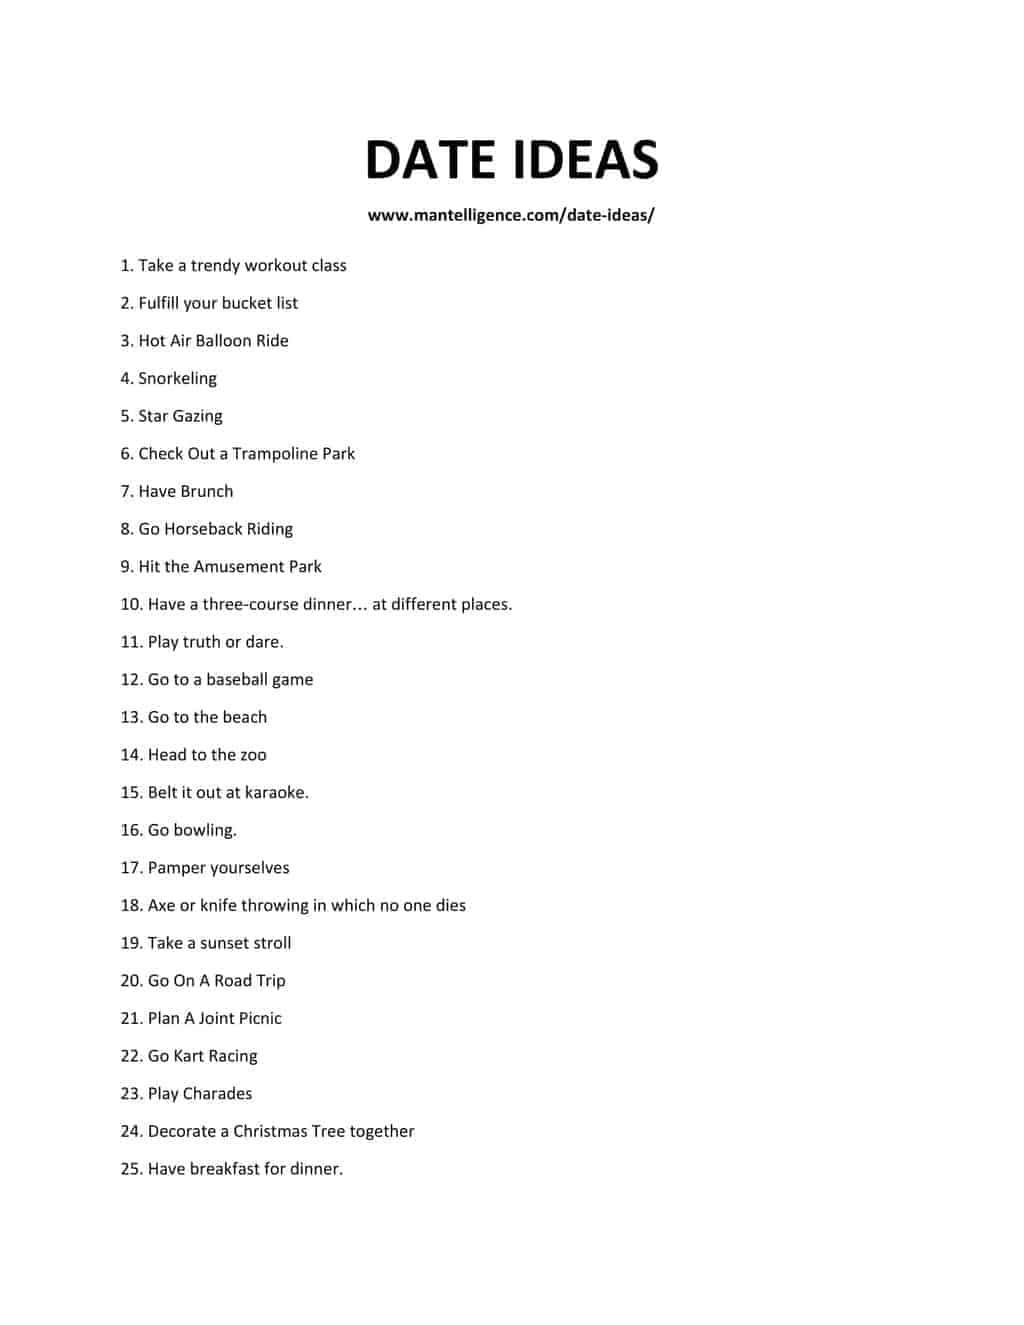 DATE_IDEAS